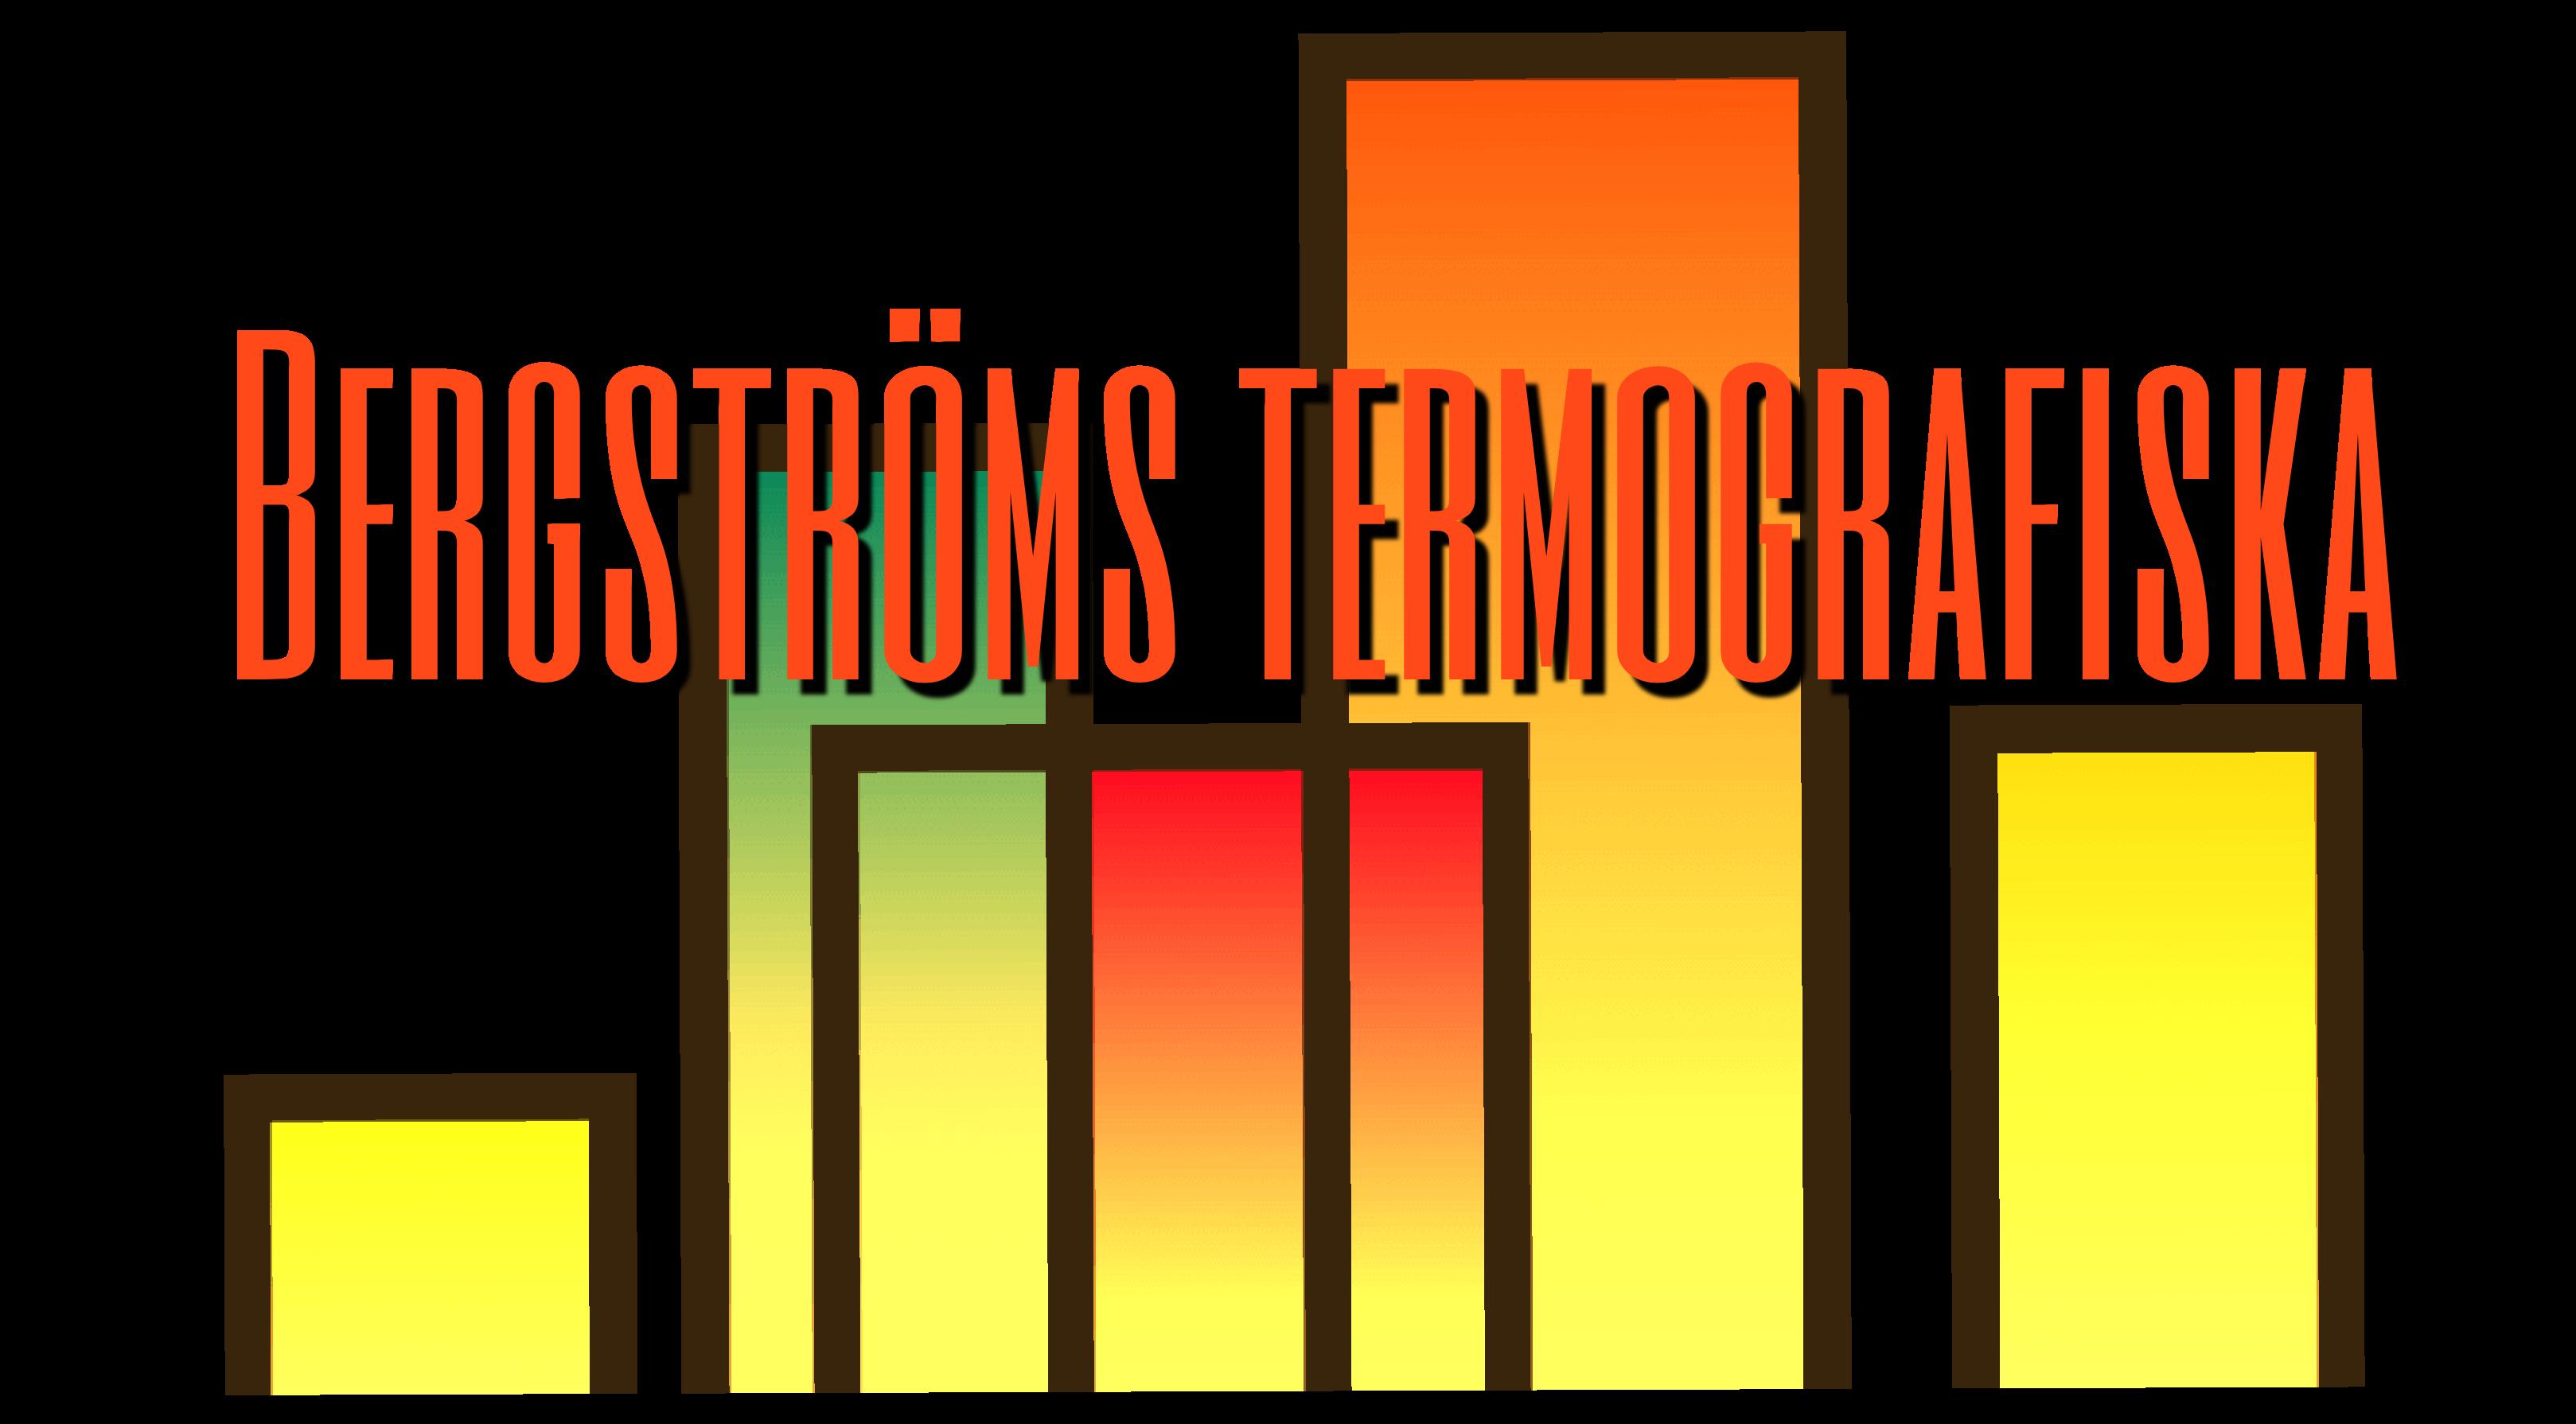 Bergströms termografiska